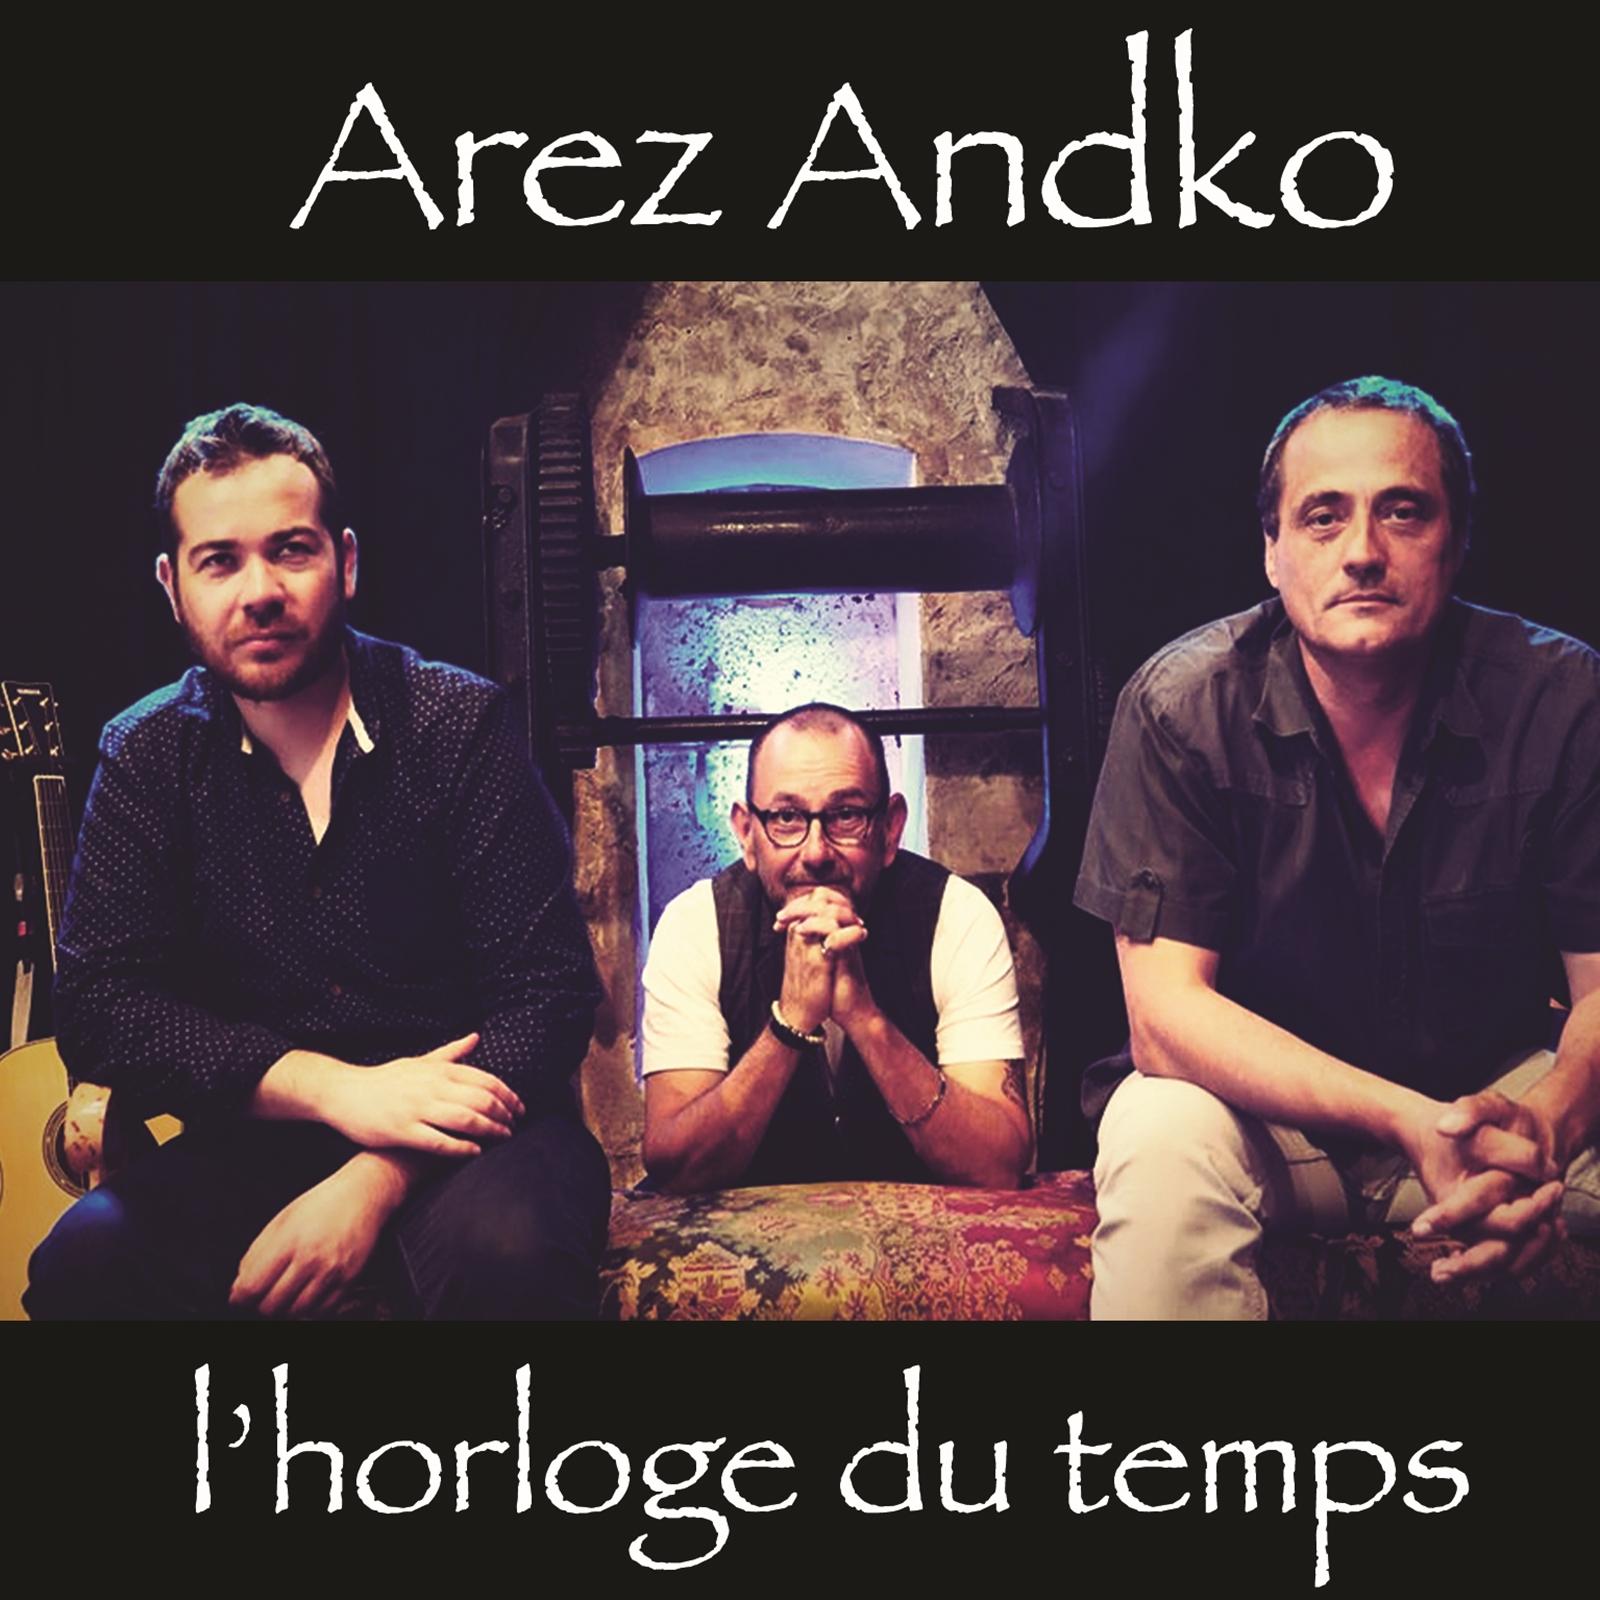 arez andko